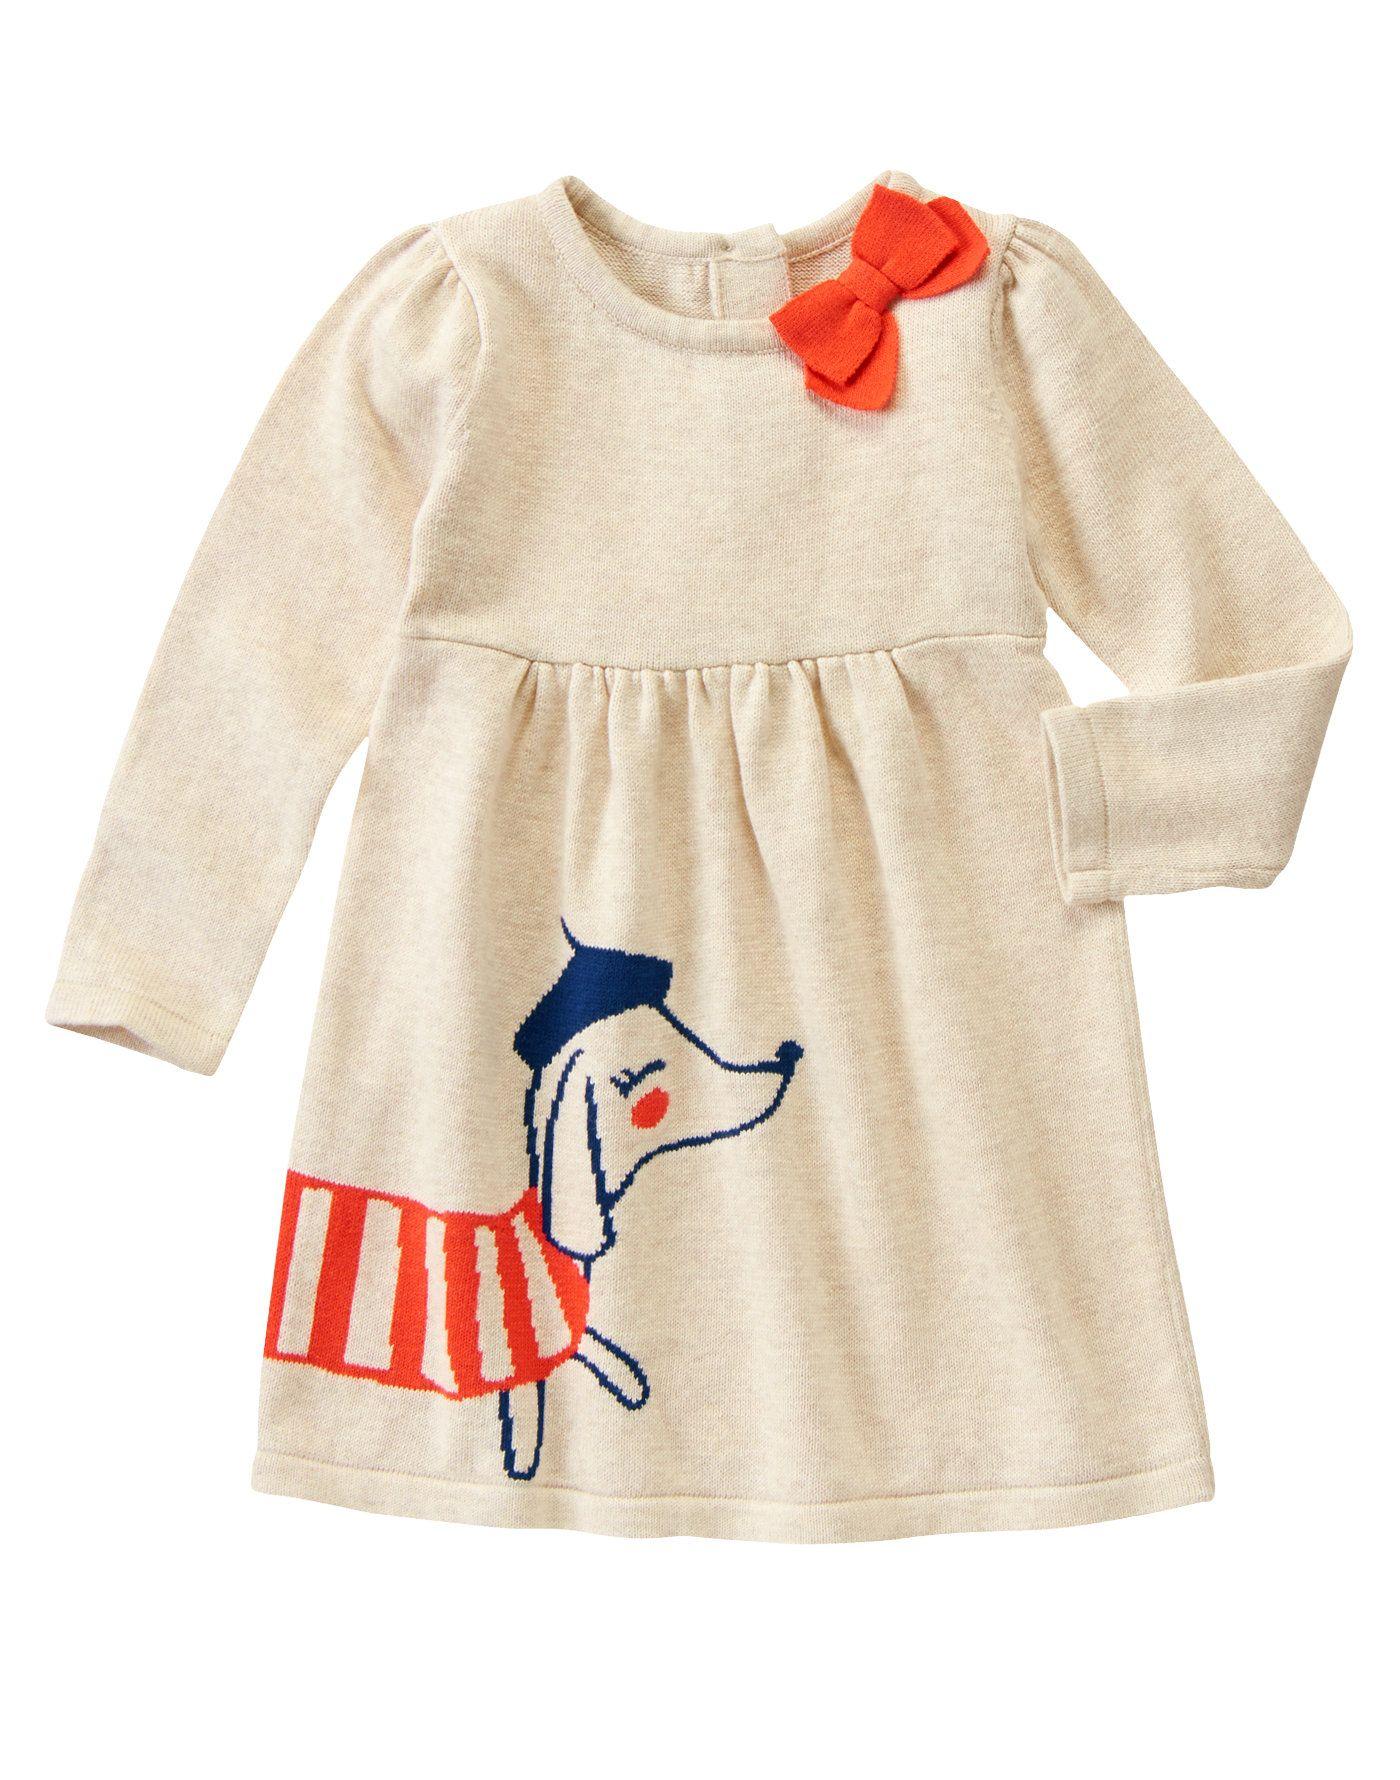 08527cc2fc0 Parisian Pup Sweater Dress at Gymboree (Gymboree 3m-5T)